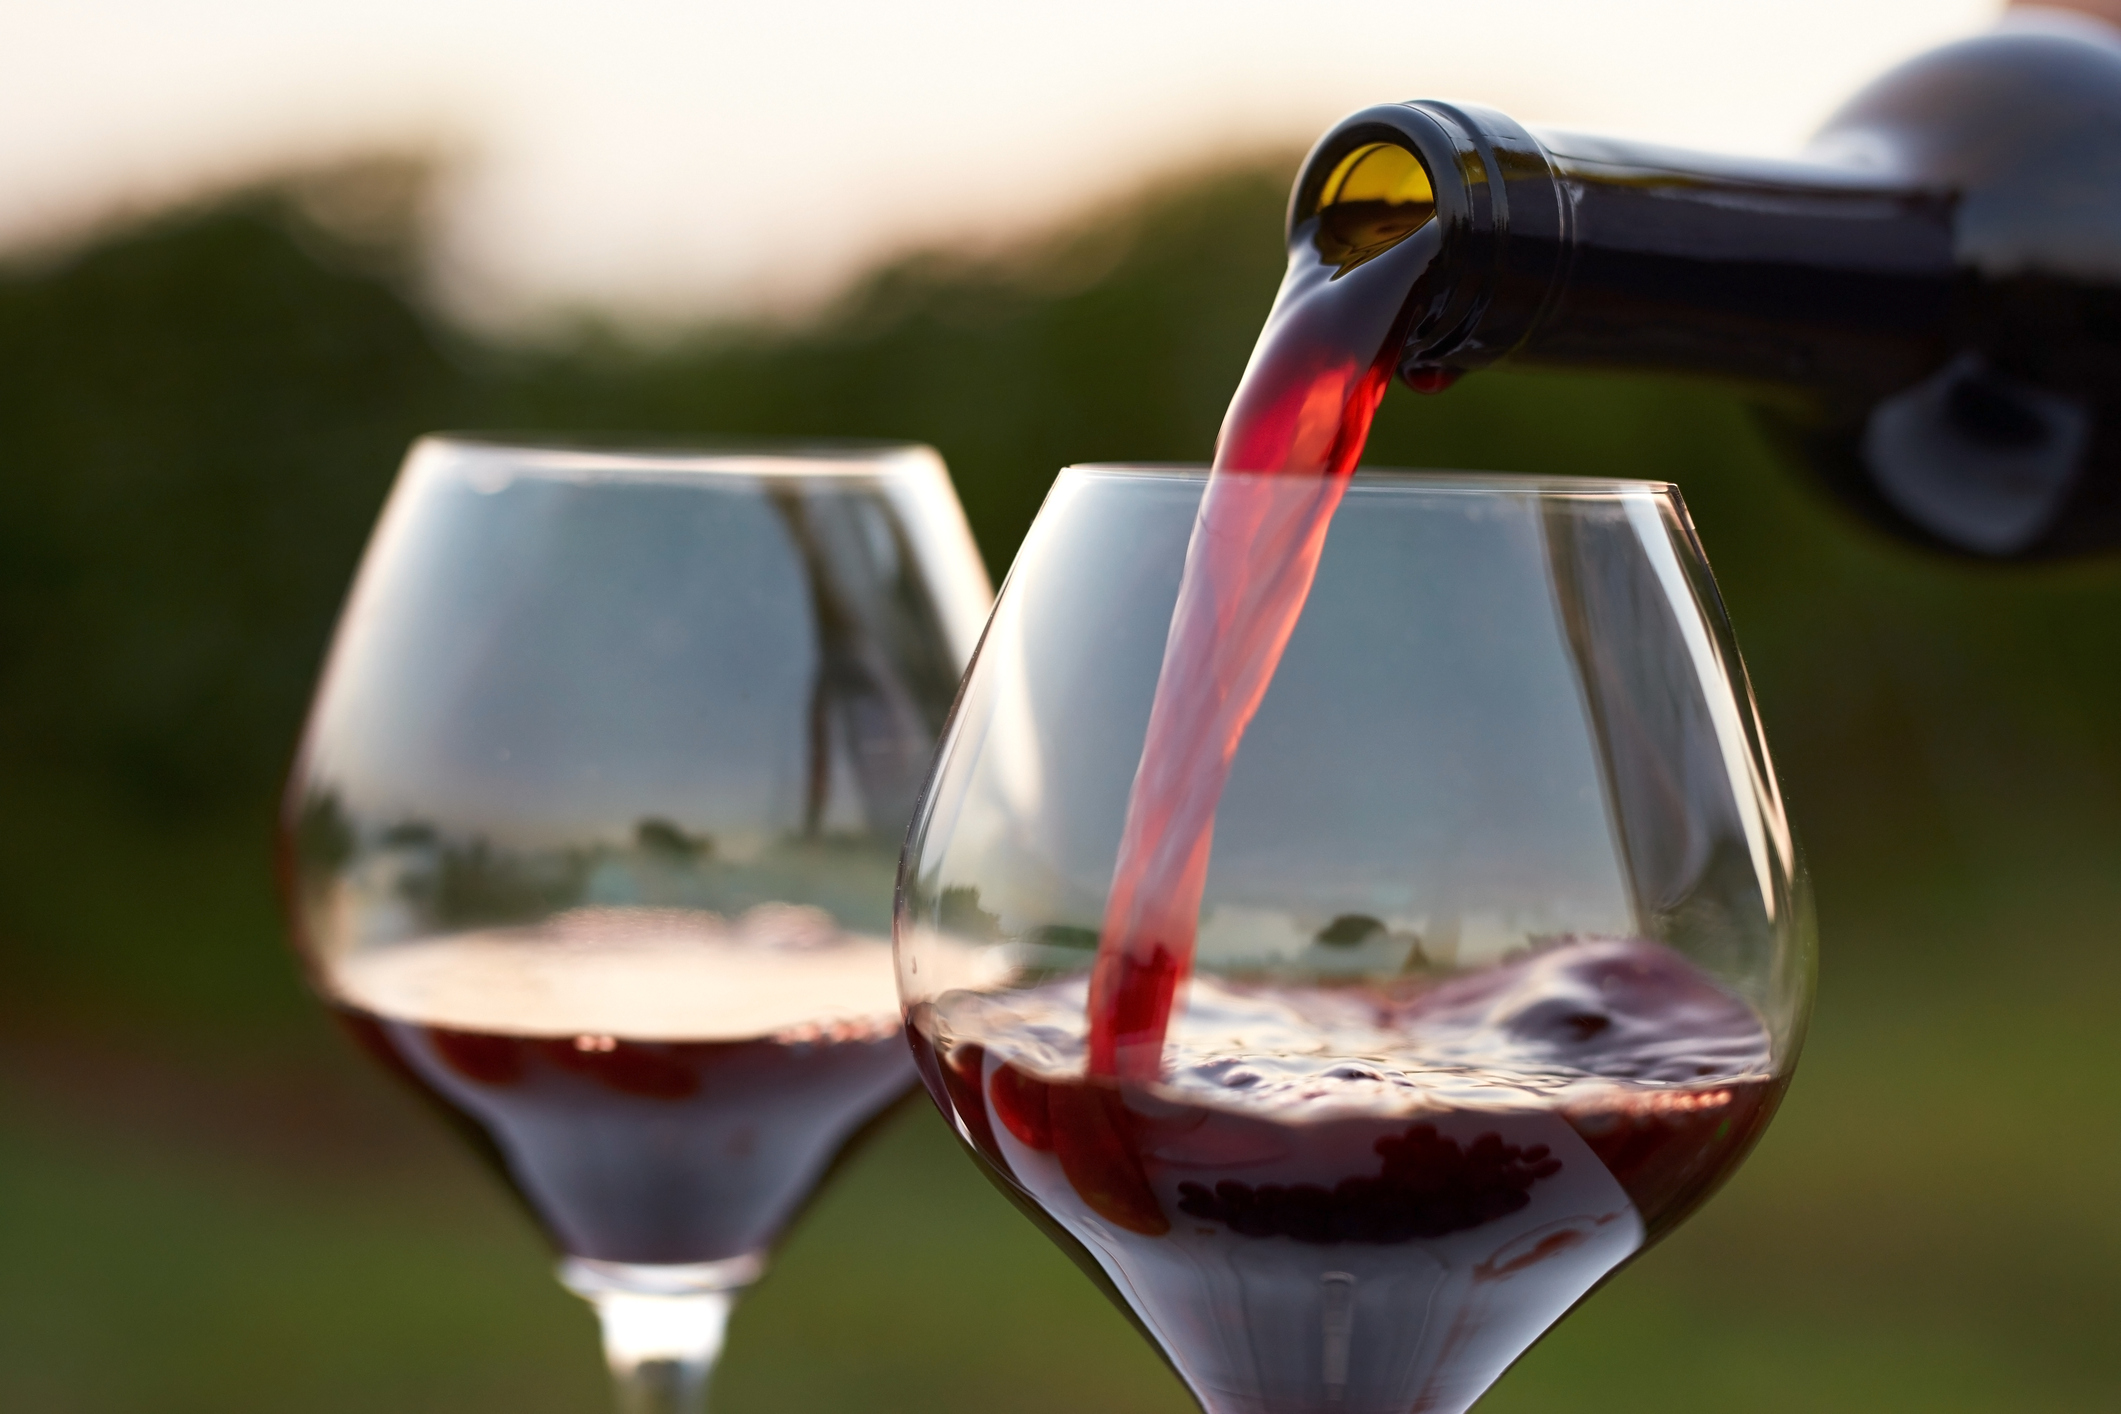 Rastros radiactivos de Fukushima encontrados en vino de California